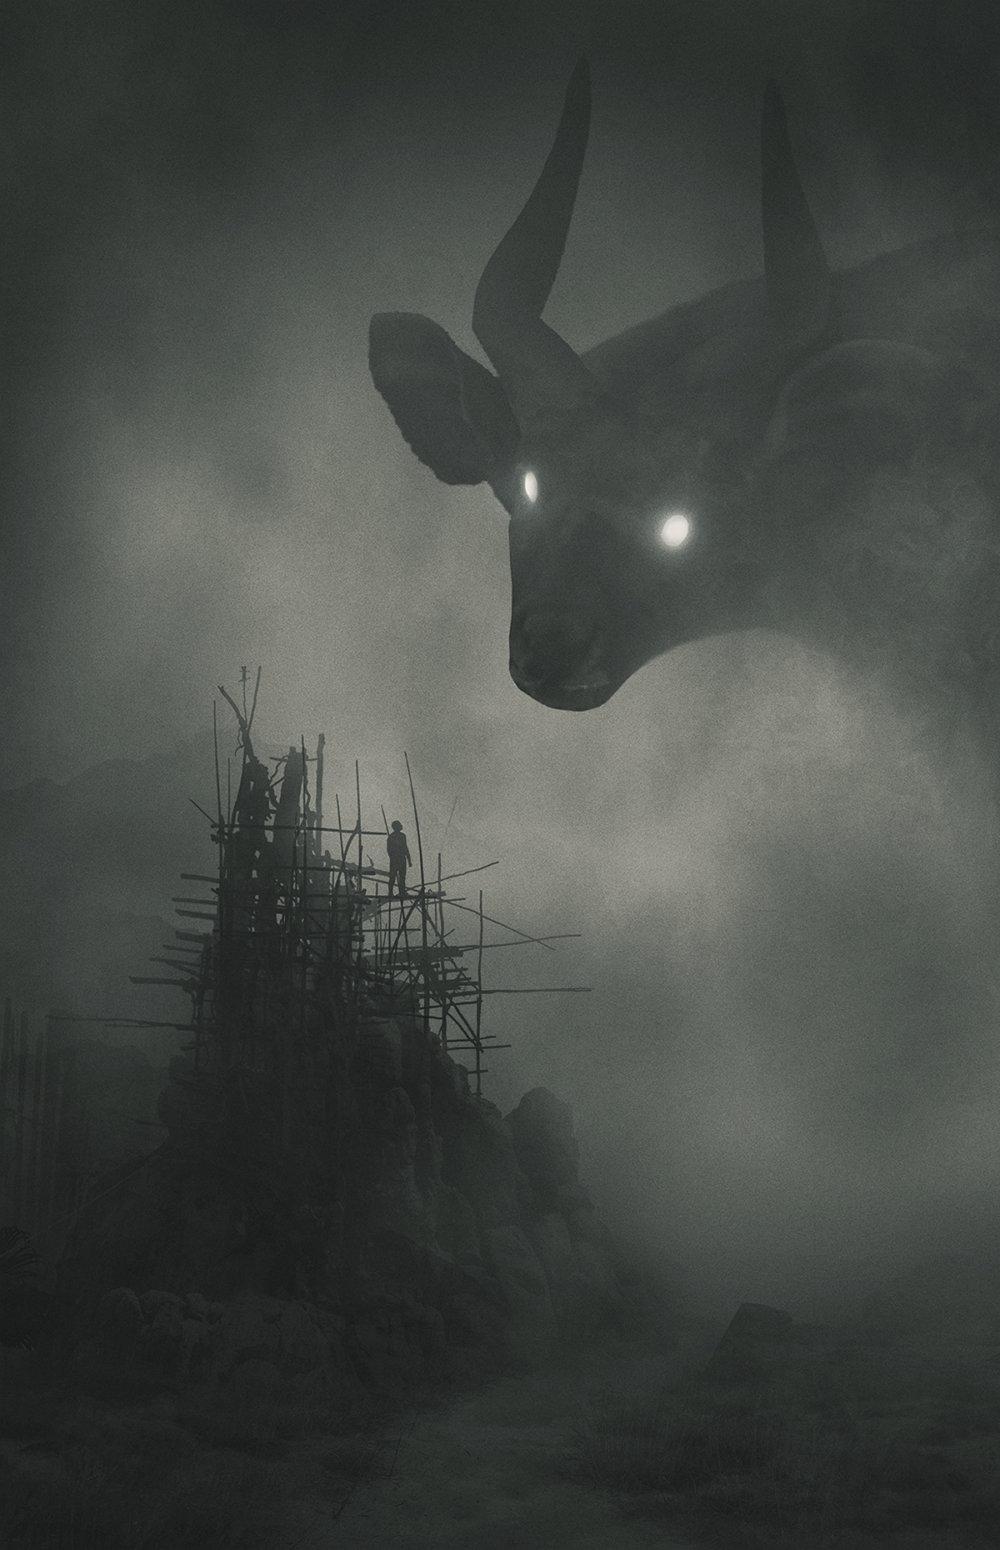 Fabulous Illustrations Of Mystic Beings In Gloomy Scenarios By Dawid Planeta 1